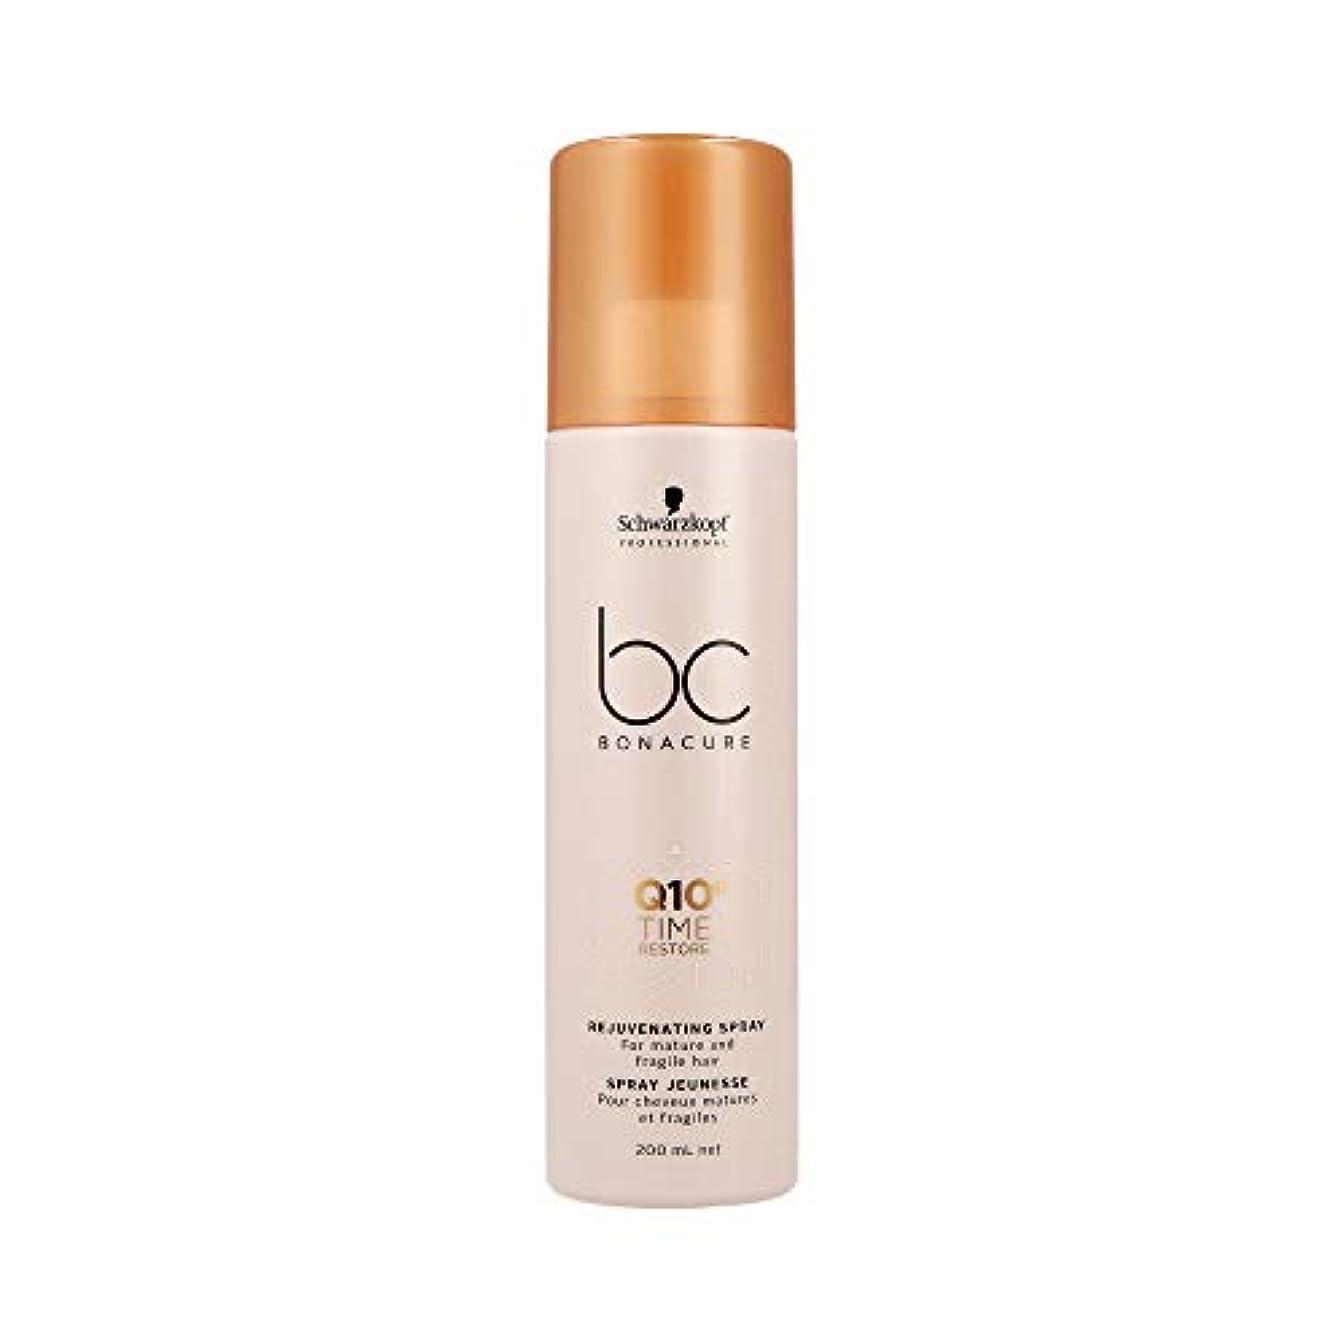 大理石キュービックディレイシュワルツコフ BC Q10+ タイム リストア リジュヴェネイティング スプレー Schwarzkopf BC Bonacure Q10+ Time Restore Rejuvenating Spray For Mature And Fragile Hair 200 ml [並行輸入品]